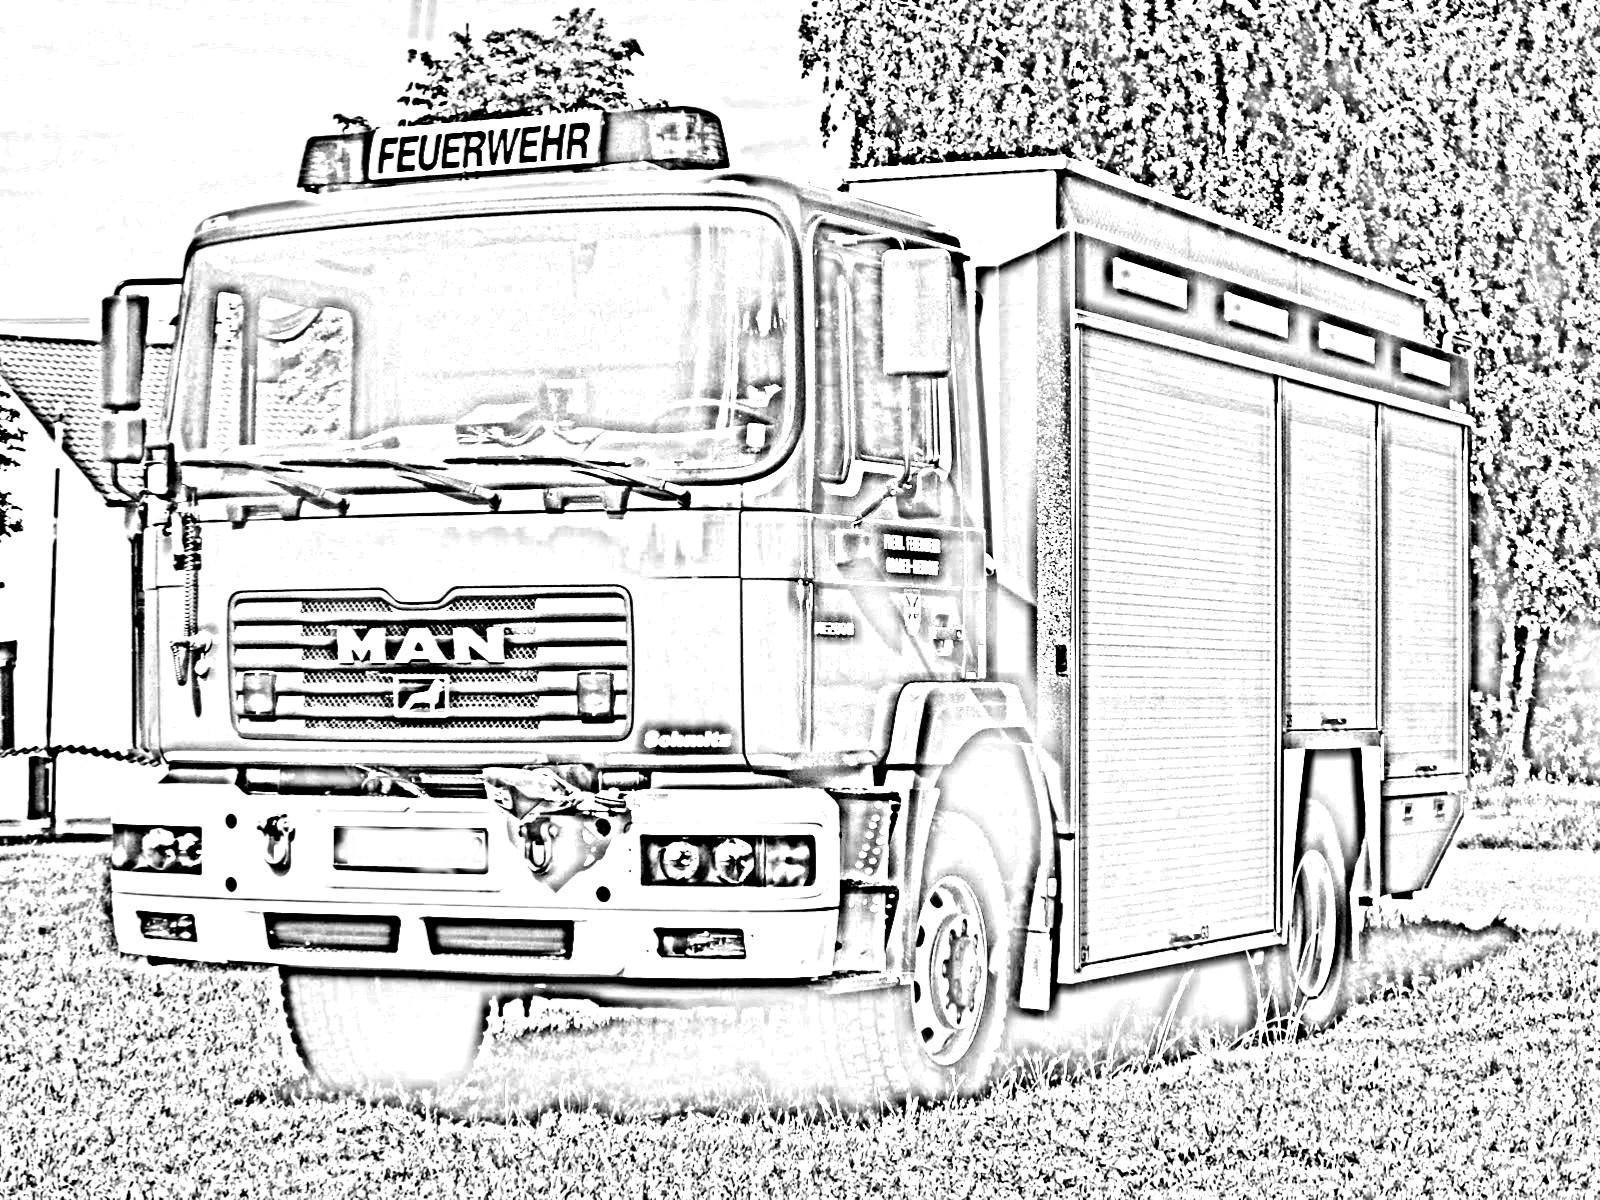 Ausmalbilder Feuerwehrfahrzeuge: FF Graben-Neudorf